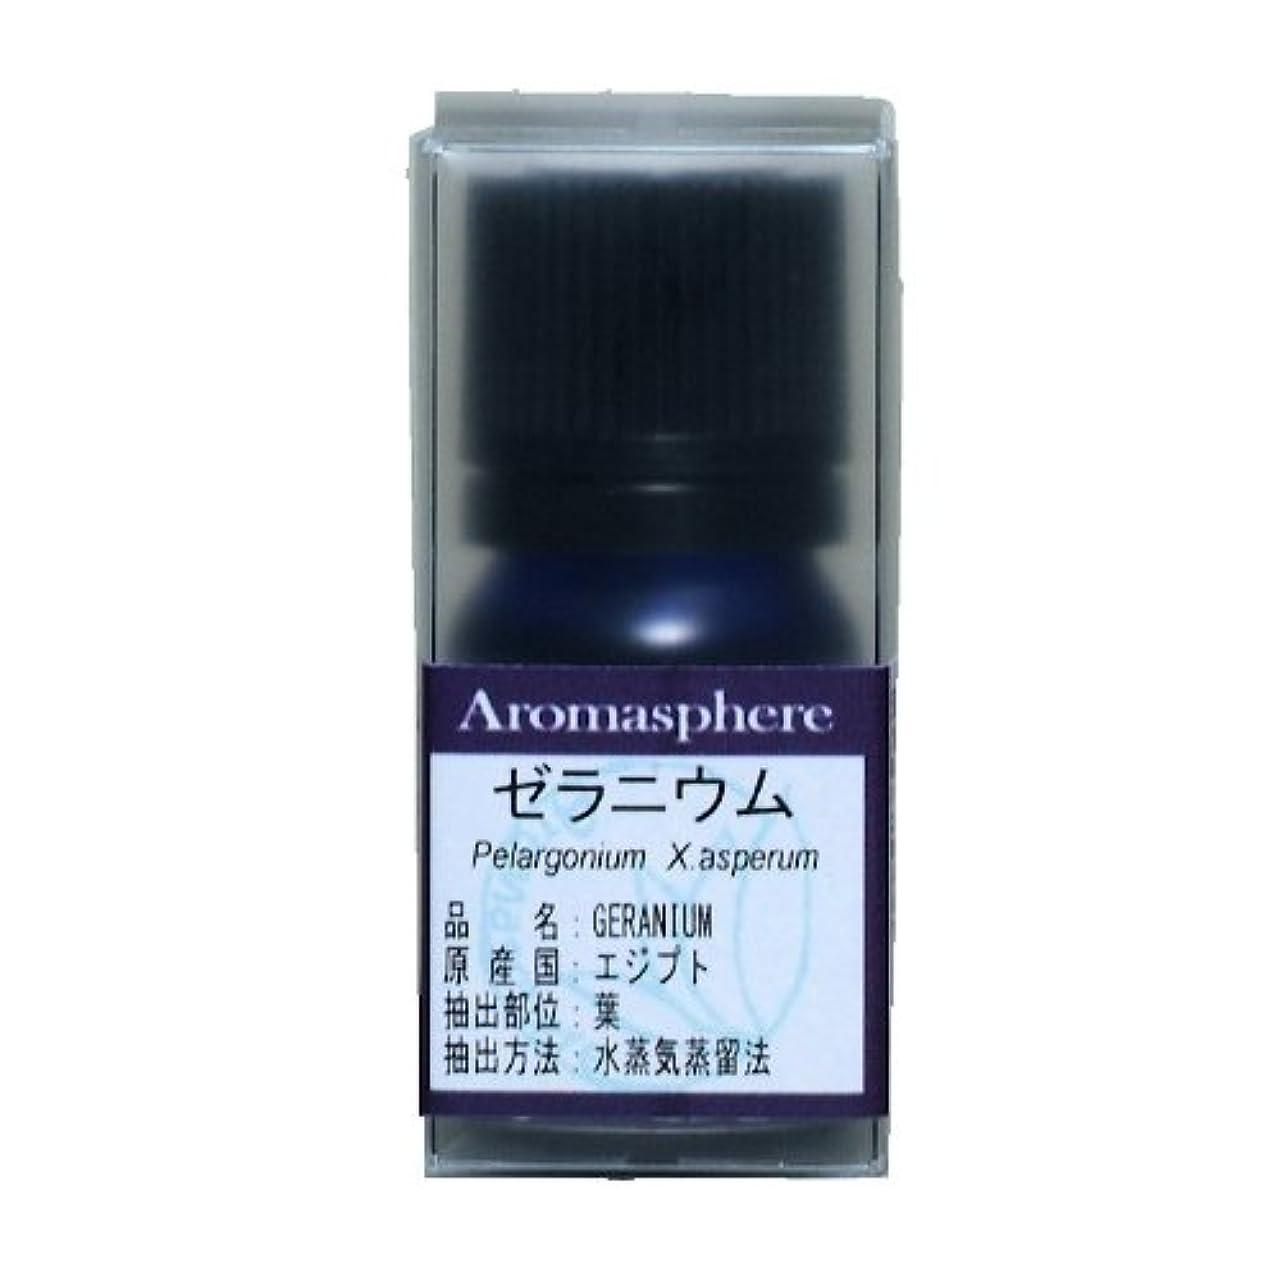 無駄プライム引数【アロマスフィア】ゼラニウム 5ml エッセンシャルオイル(精油)